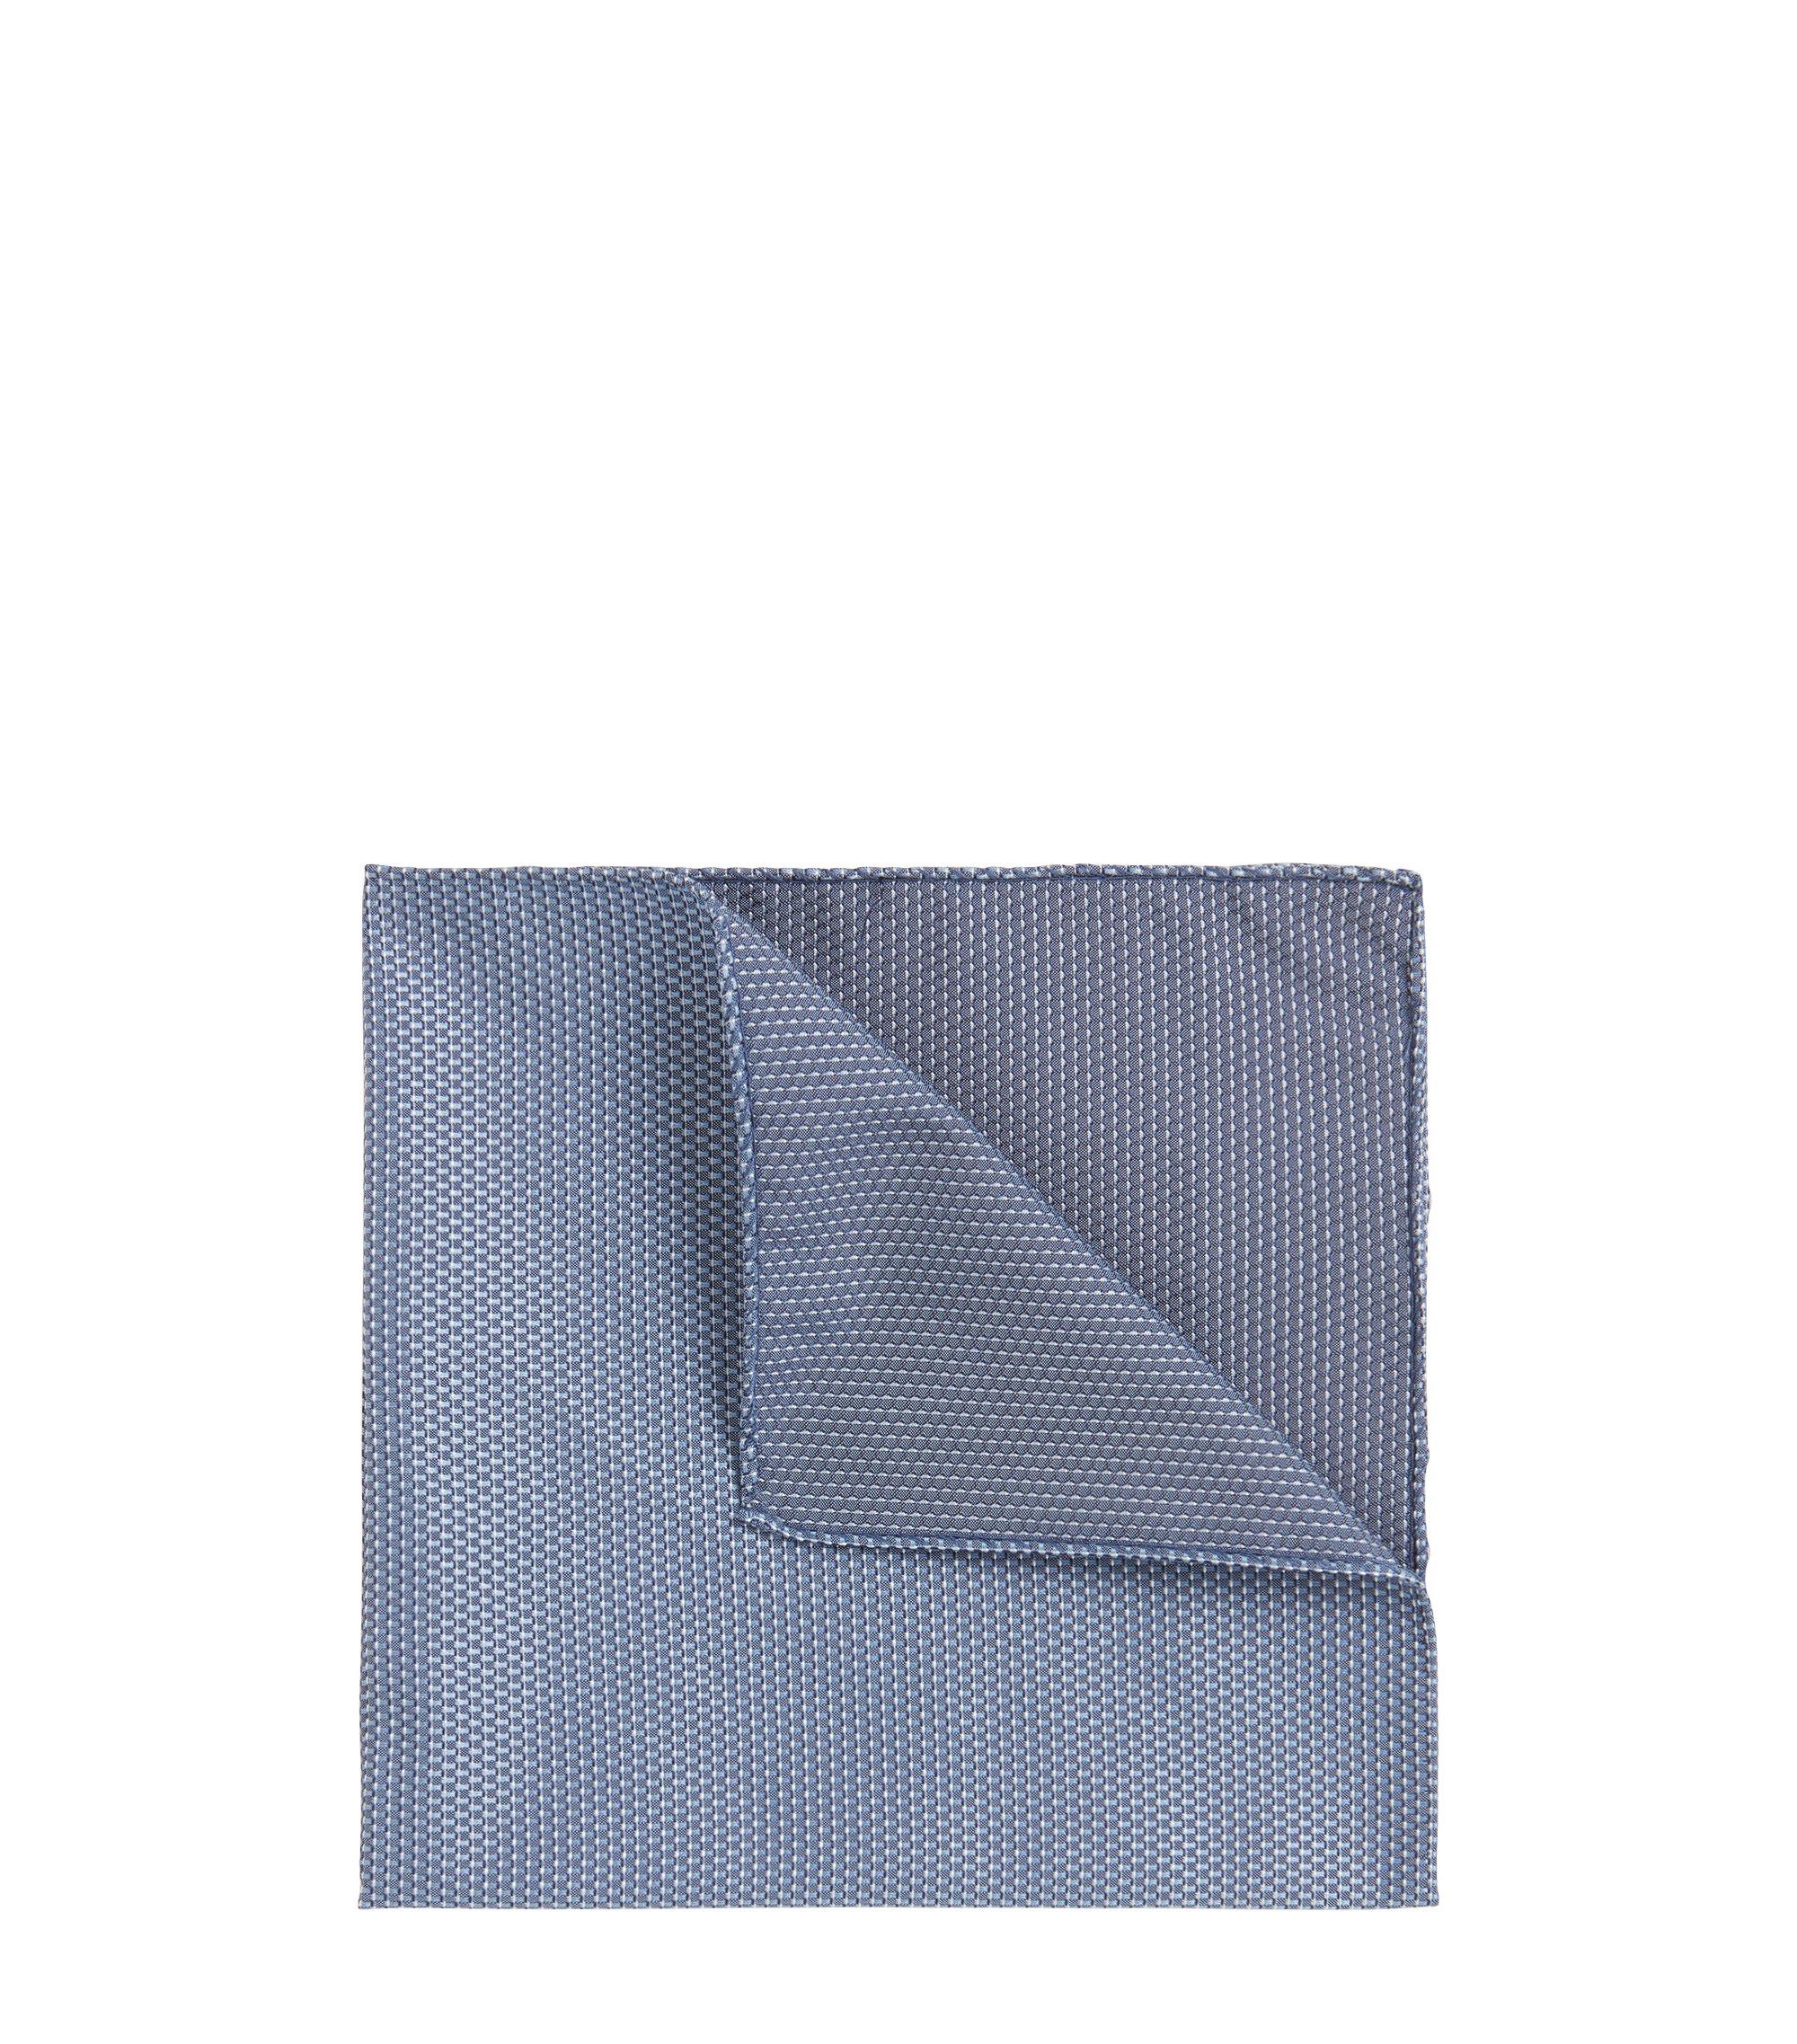 Pochette réversible en jacquard de soie à micro-motif, Bleu foncé